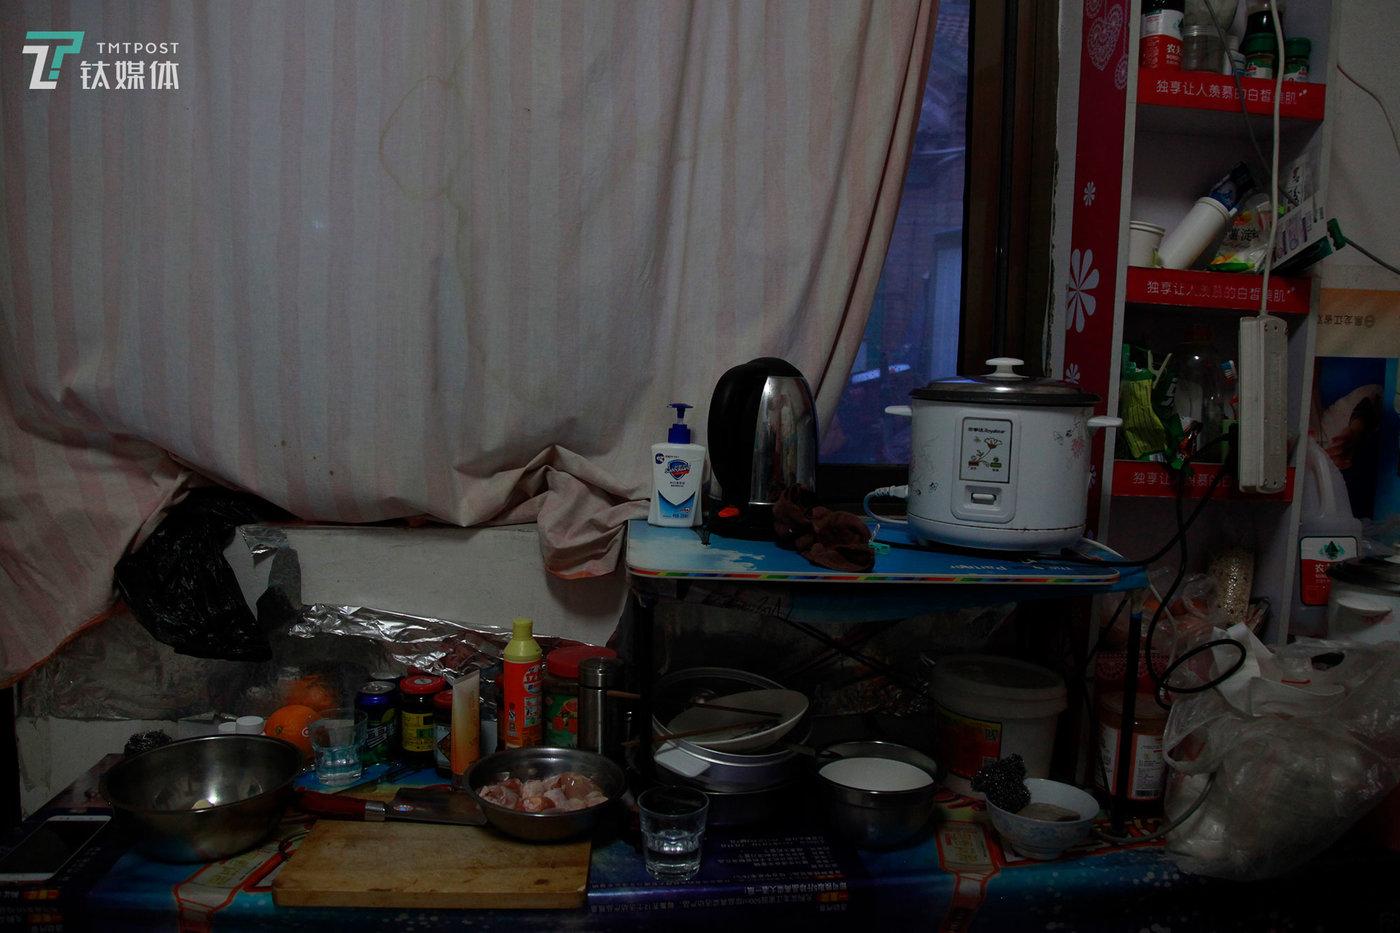 """夏芸租住的单间,桌上摆着她捡来的生活用品和厨具:电饭煲、烧水壶、小桌子、碗、洗手液。""""还有一些洗发水什么的,都是那些孩子们搬家扔掉的,我看很多只是表面脏,洗洗可以用,我们可不嫌弃,扔了也怪浪费的,捡回来继续用能省不少钱。"""" 夏芸对钛媒体《在线》说。"""